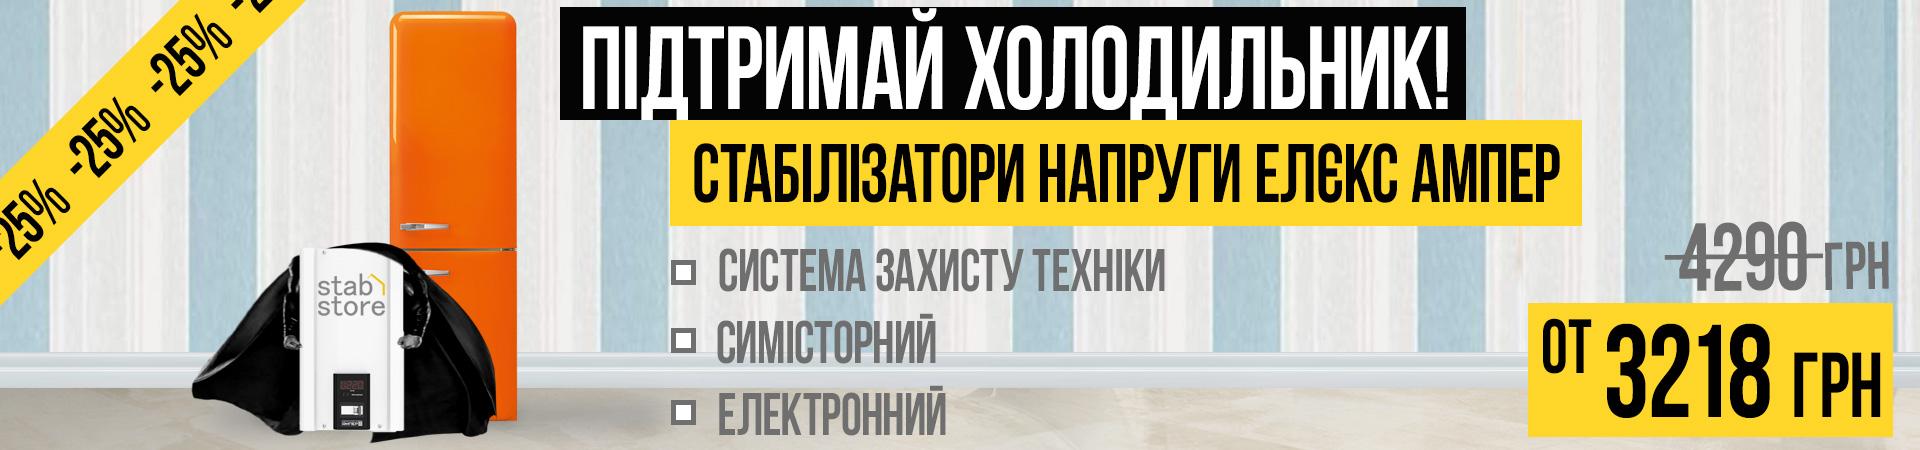 Акція! -25% на стабілізатори напруги ЕЛЕКС АМПЕР